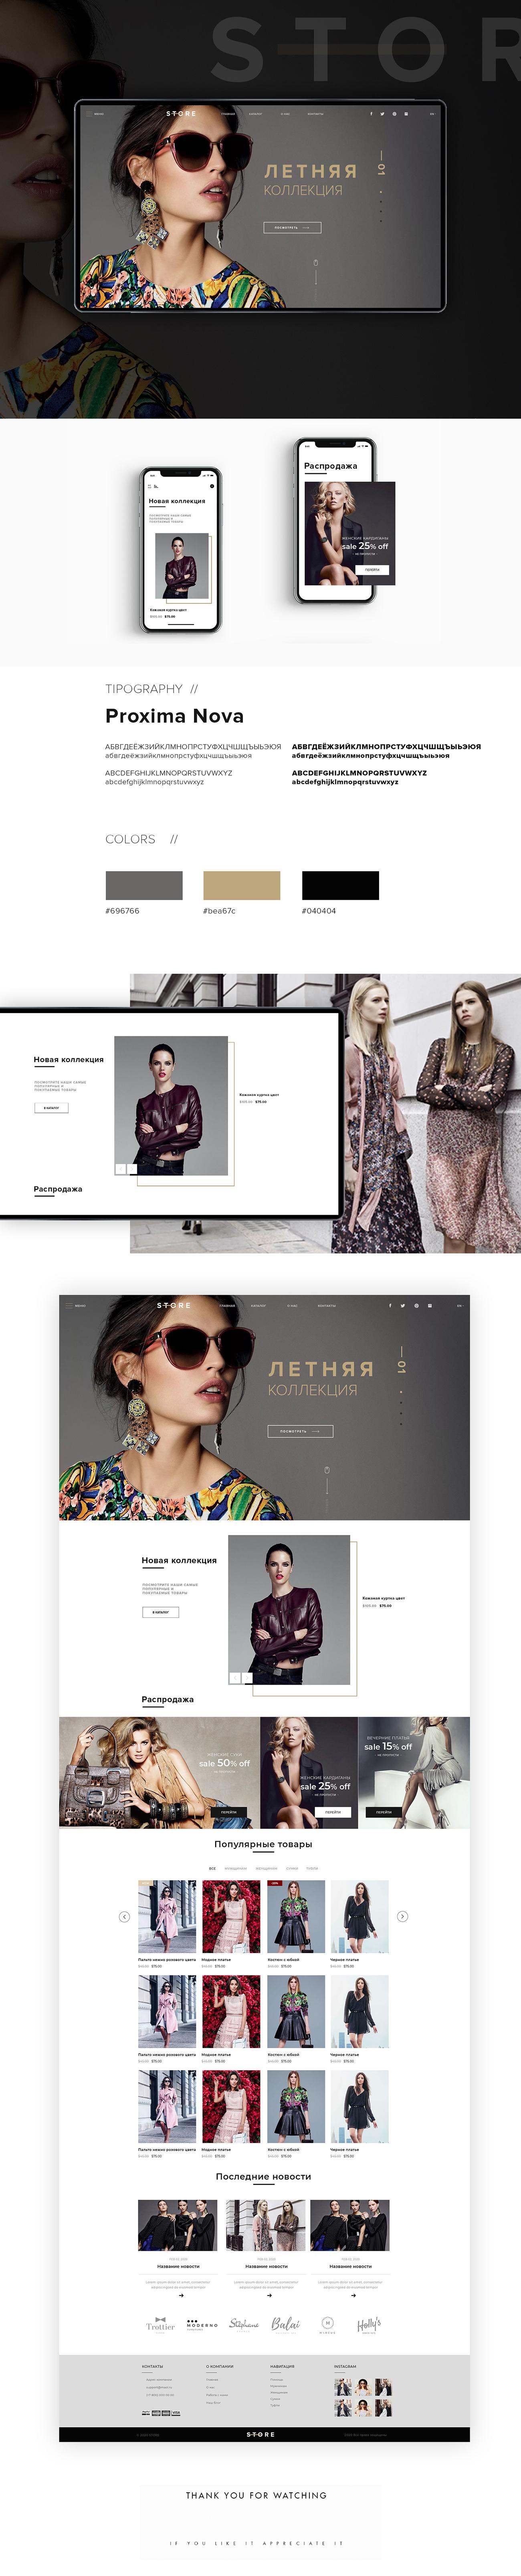 Дизайн магазина одежды STORE